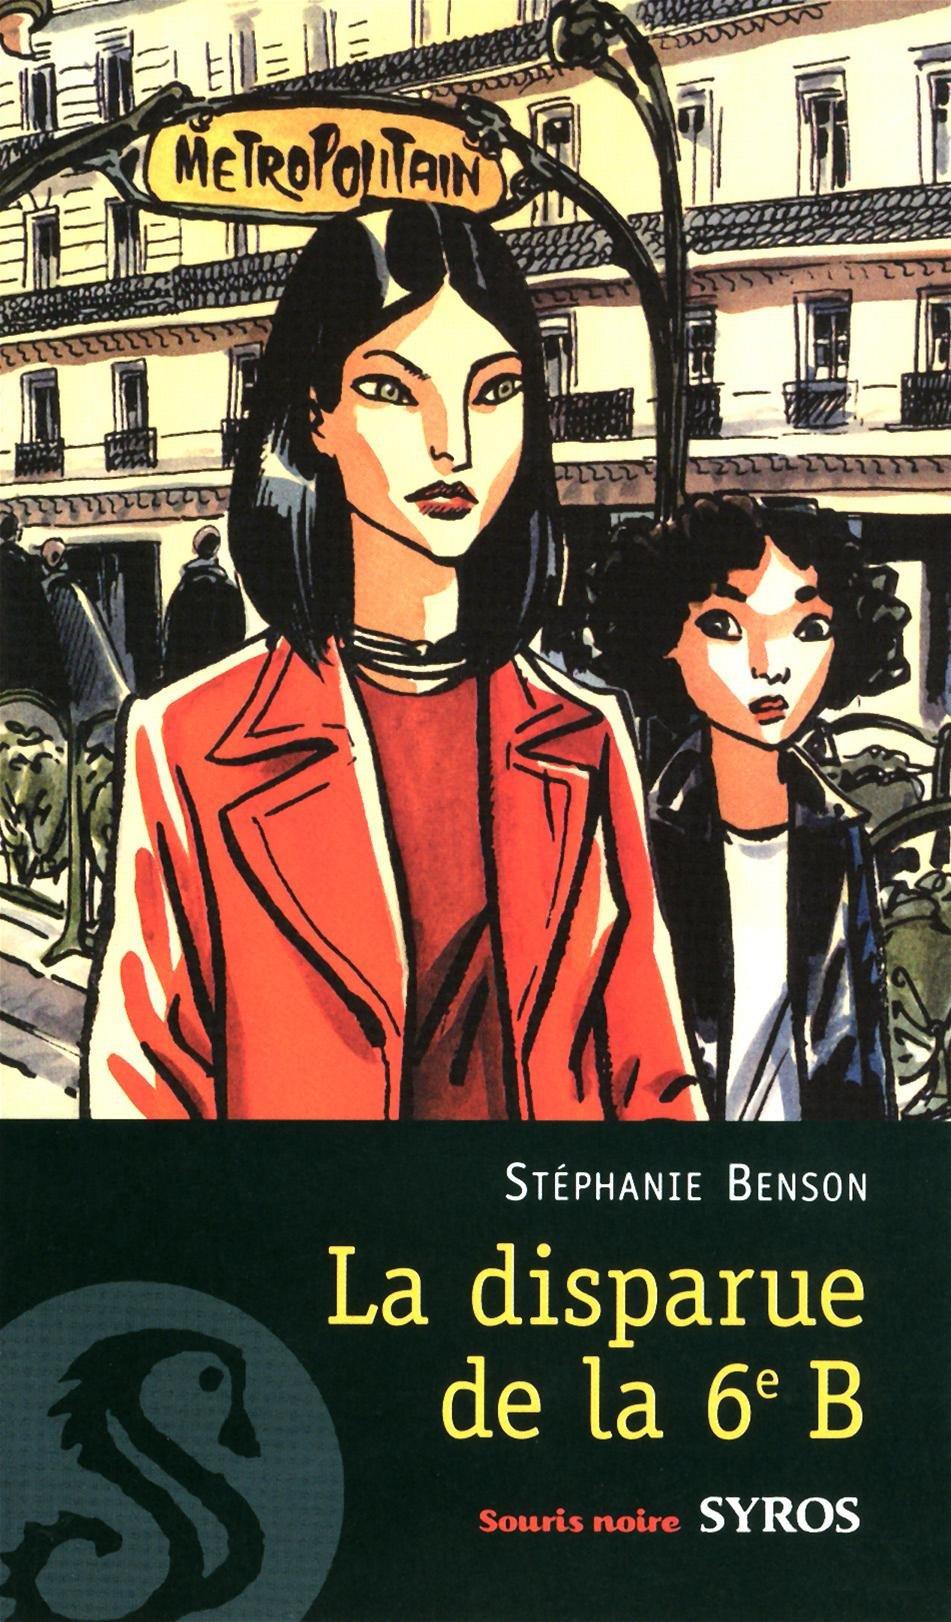 La disparue de la 6e B (Souris noire) (French Edition)